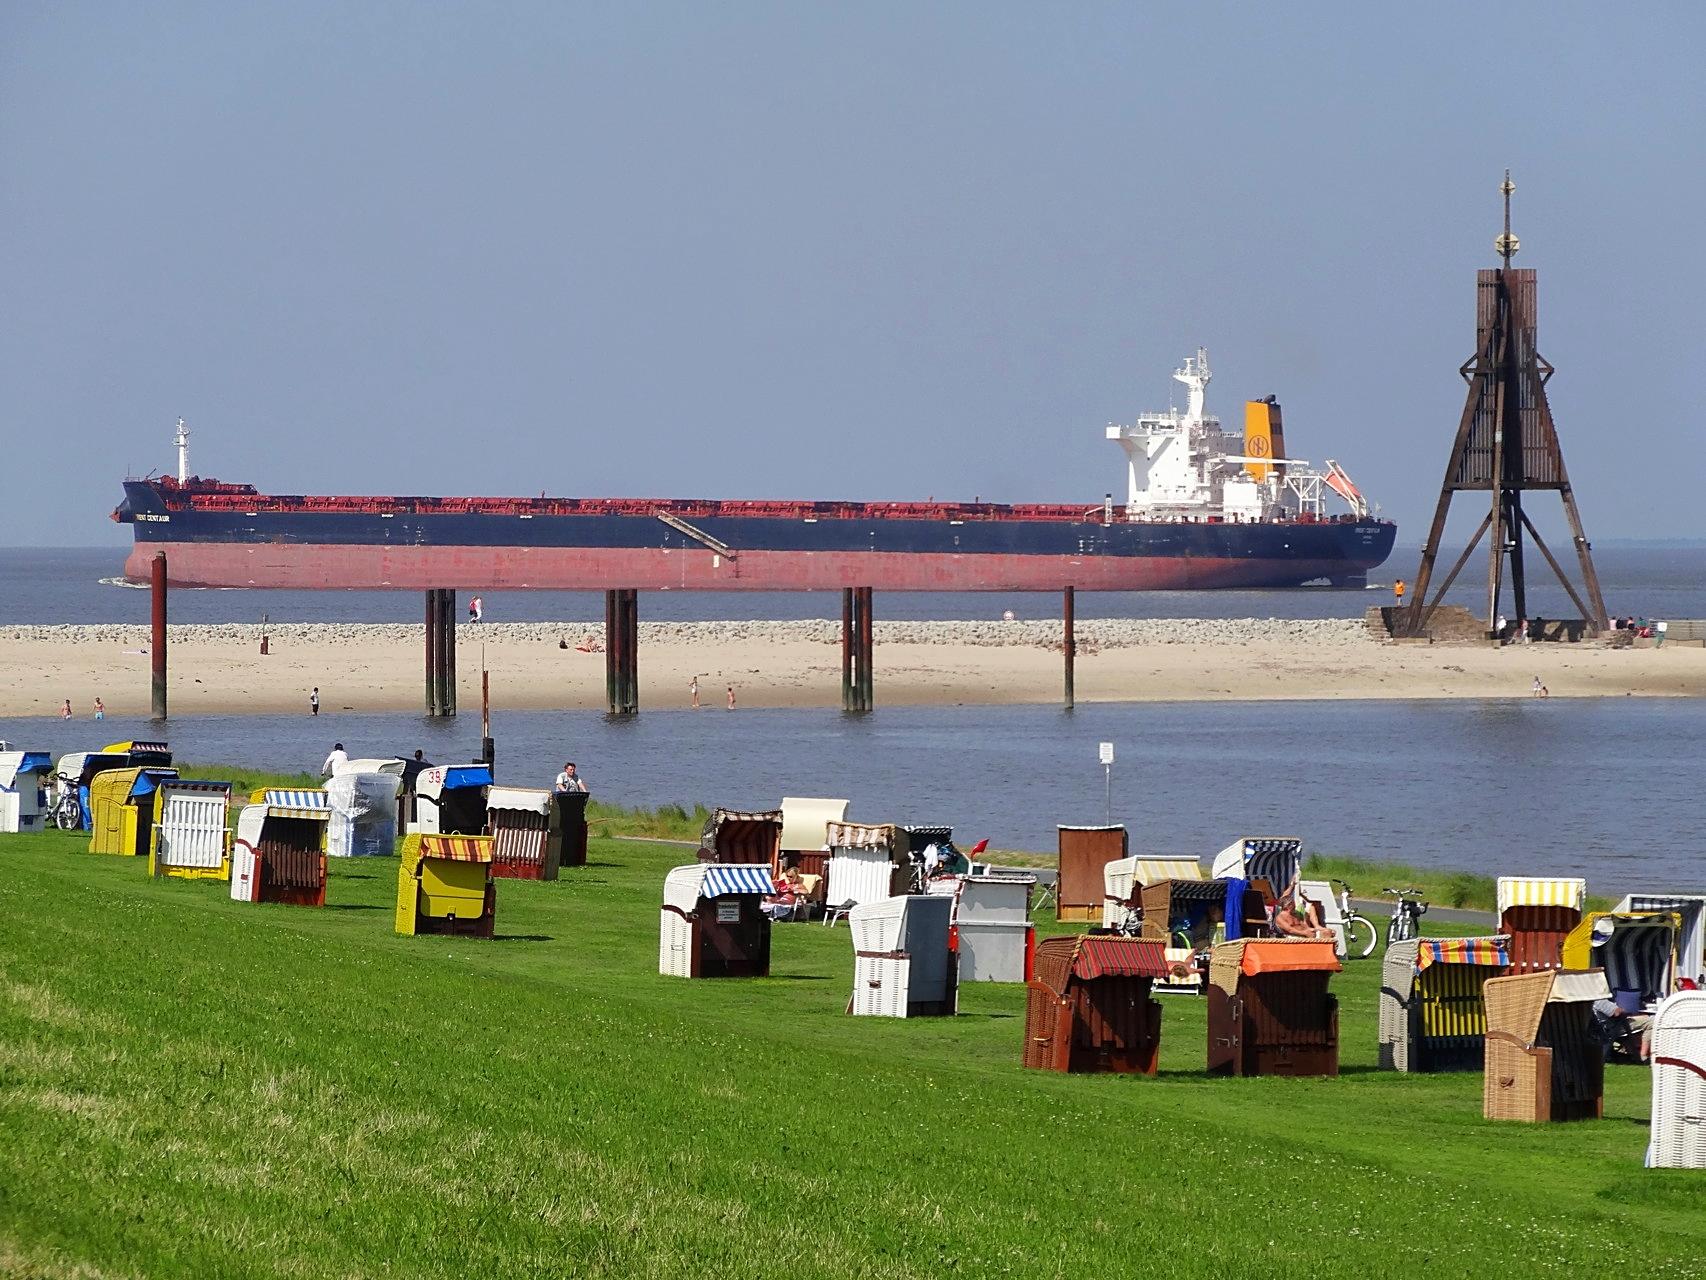 Schiffe in der Nordsee vor dem Kurteil Grimmershörn von Cuxhaven